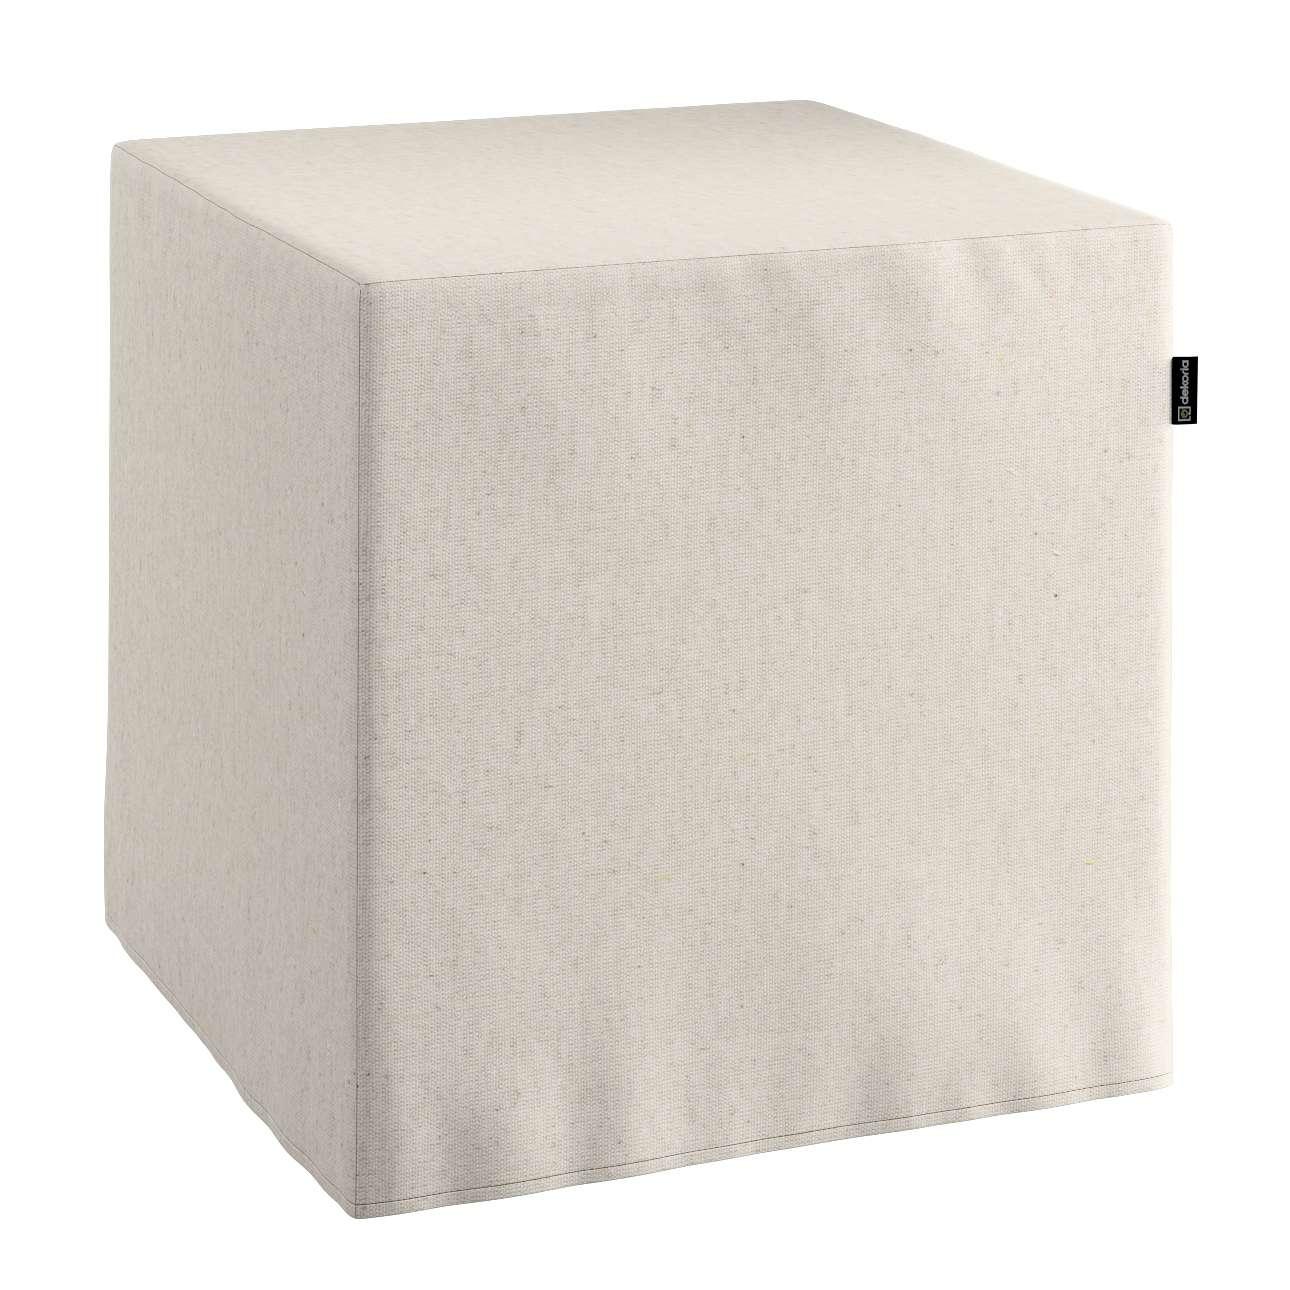 Pokrowiec na pufę kostke kostka 40x40x40 cm w kolekcji Loneta, tkanina: 133-65